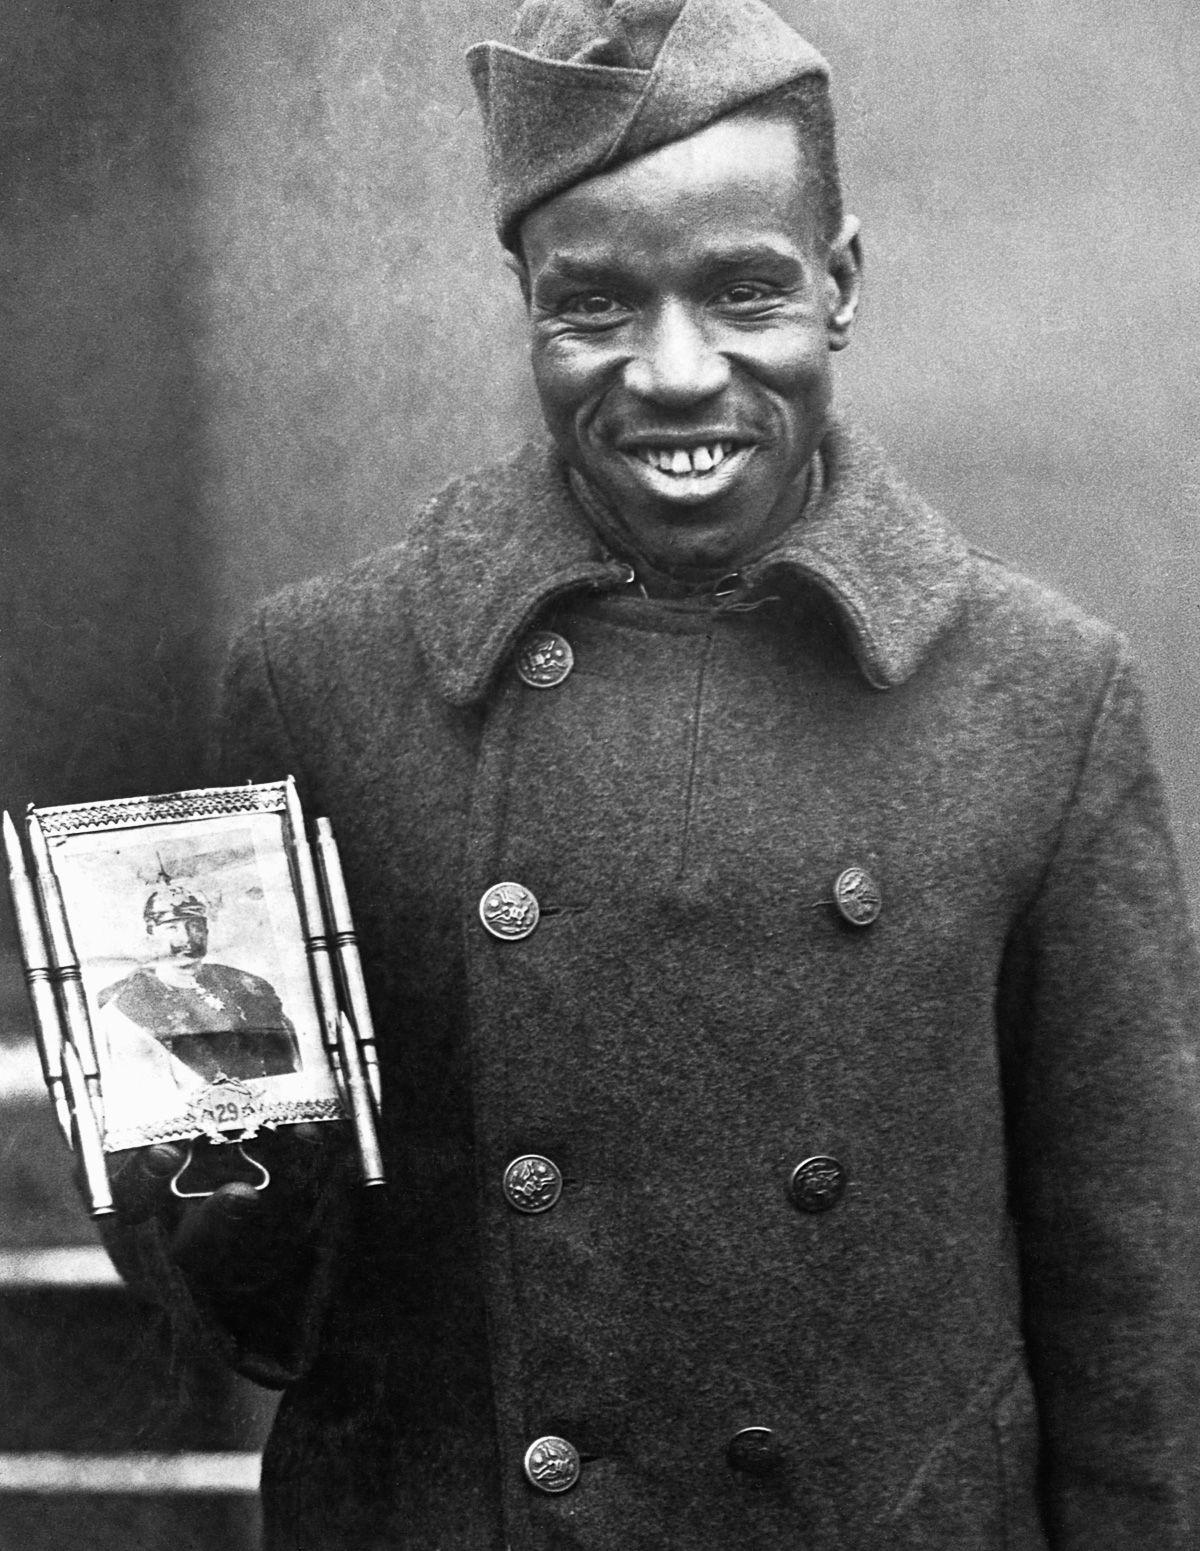 O regimento todo formado por negros na primeira guerra conhecido pela bravura apesar do preconceito 07